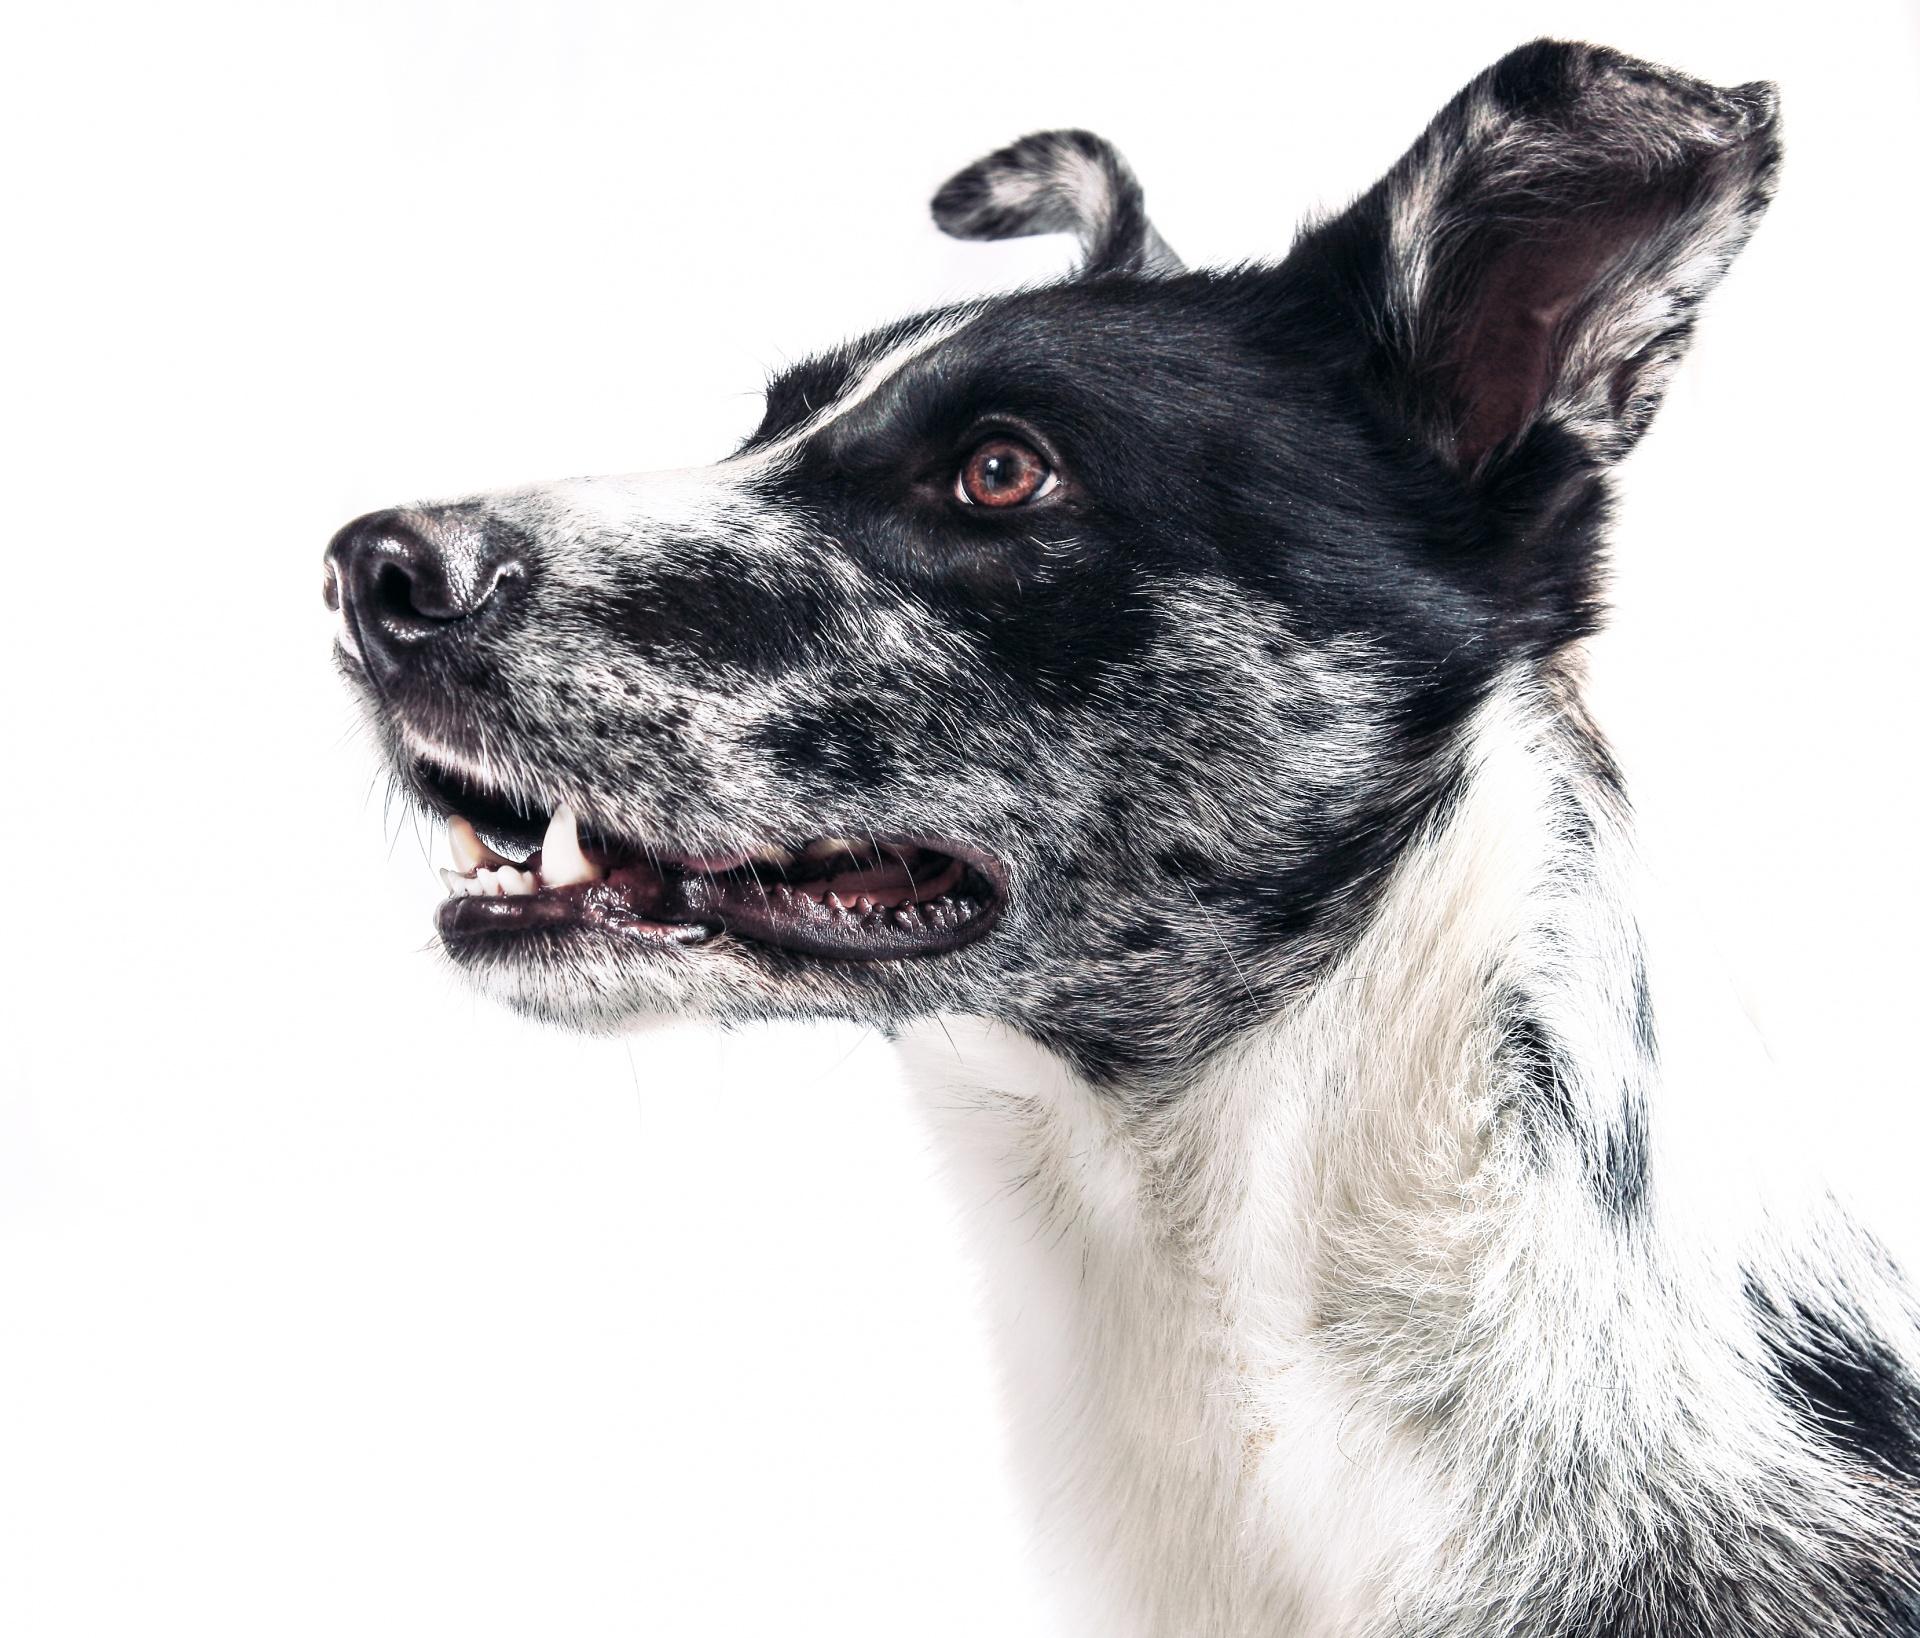 Dog Portrait Free Stock Photo - Public Domain Pictures